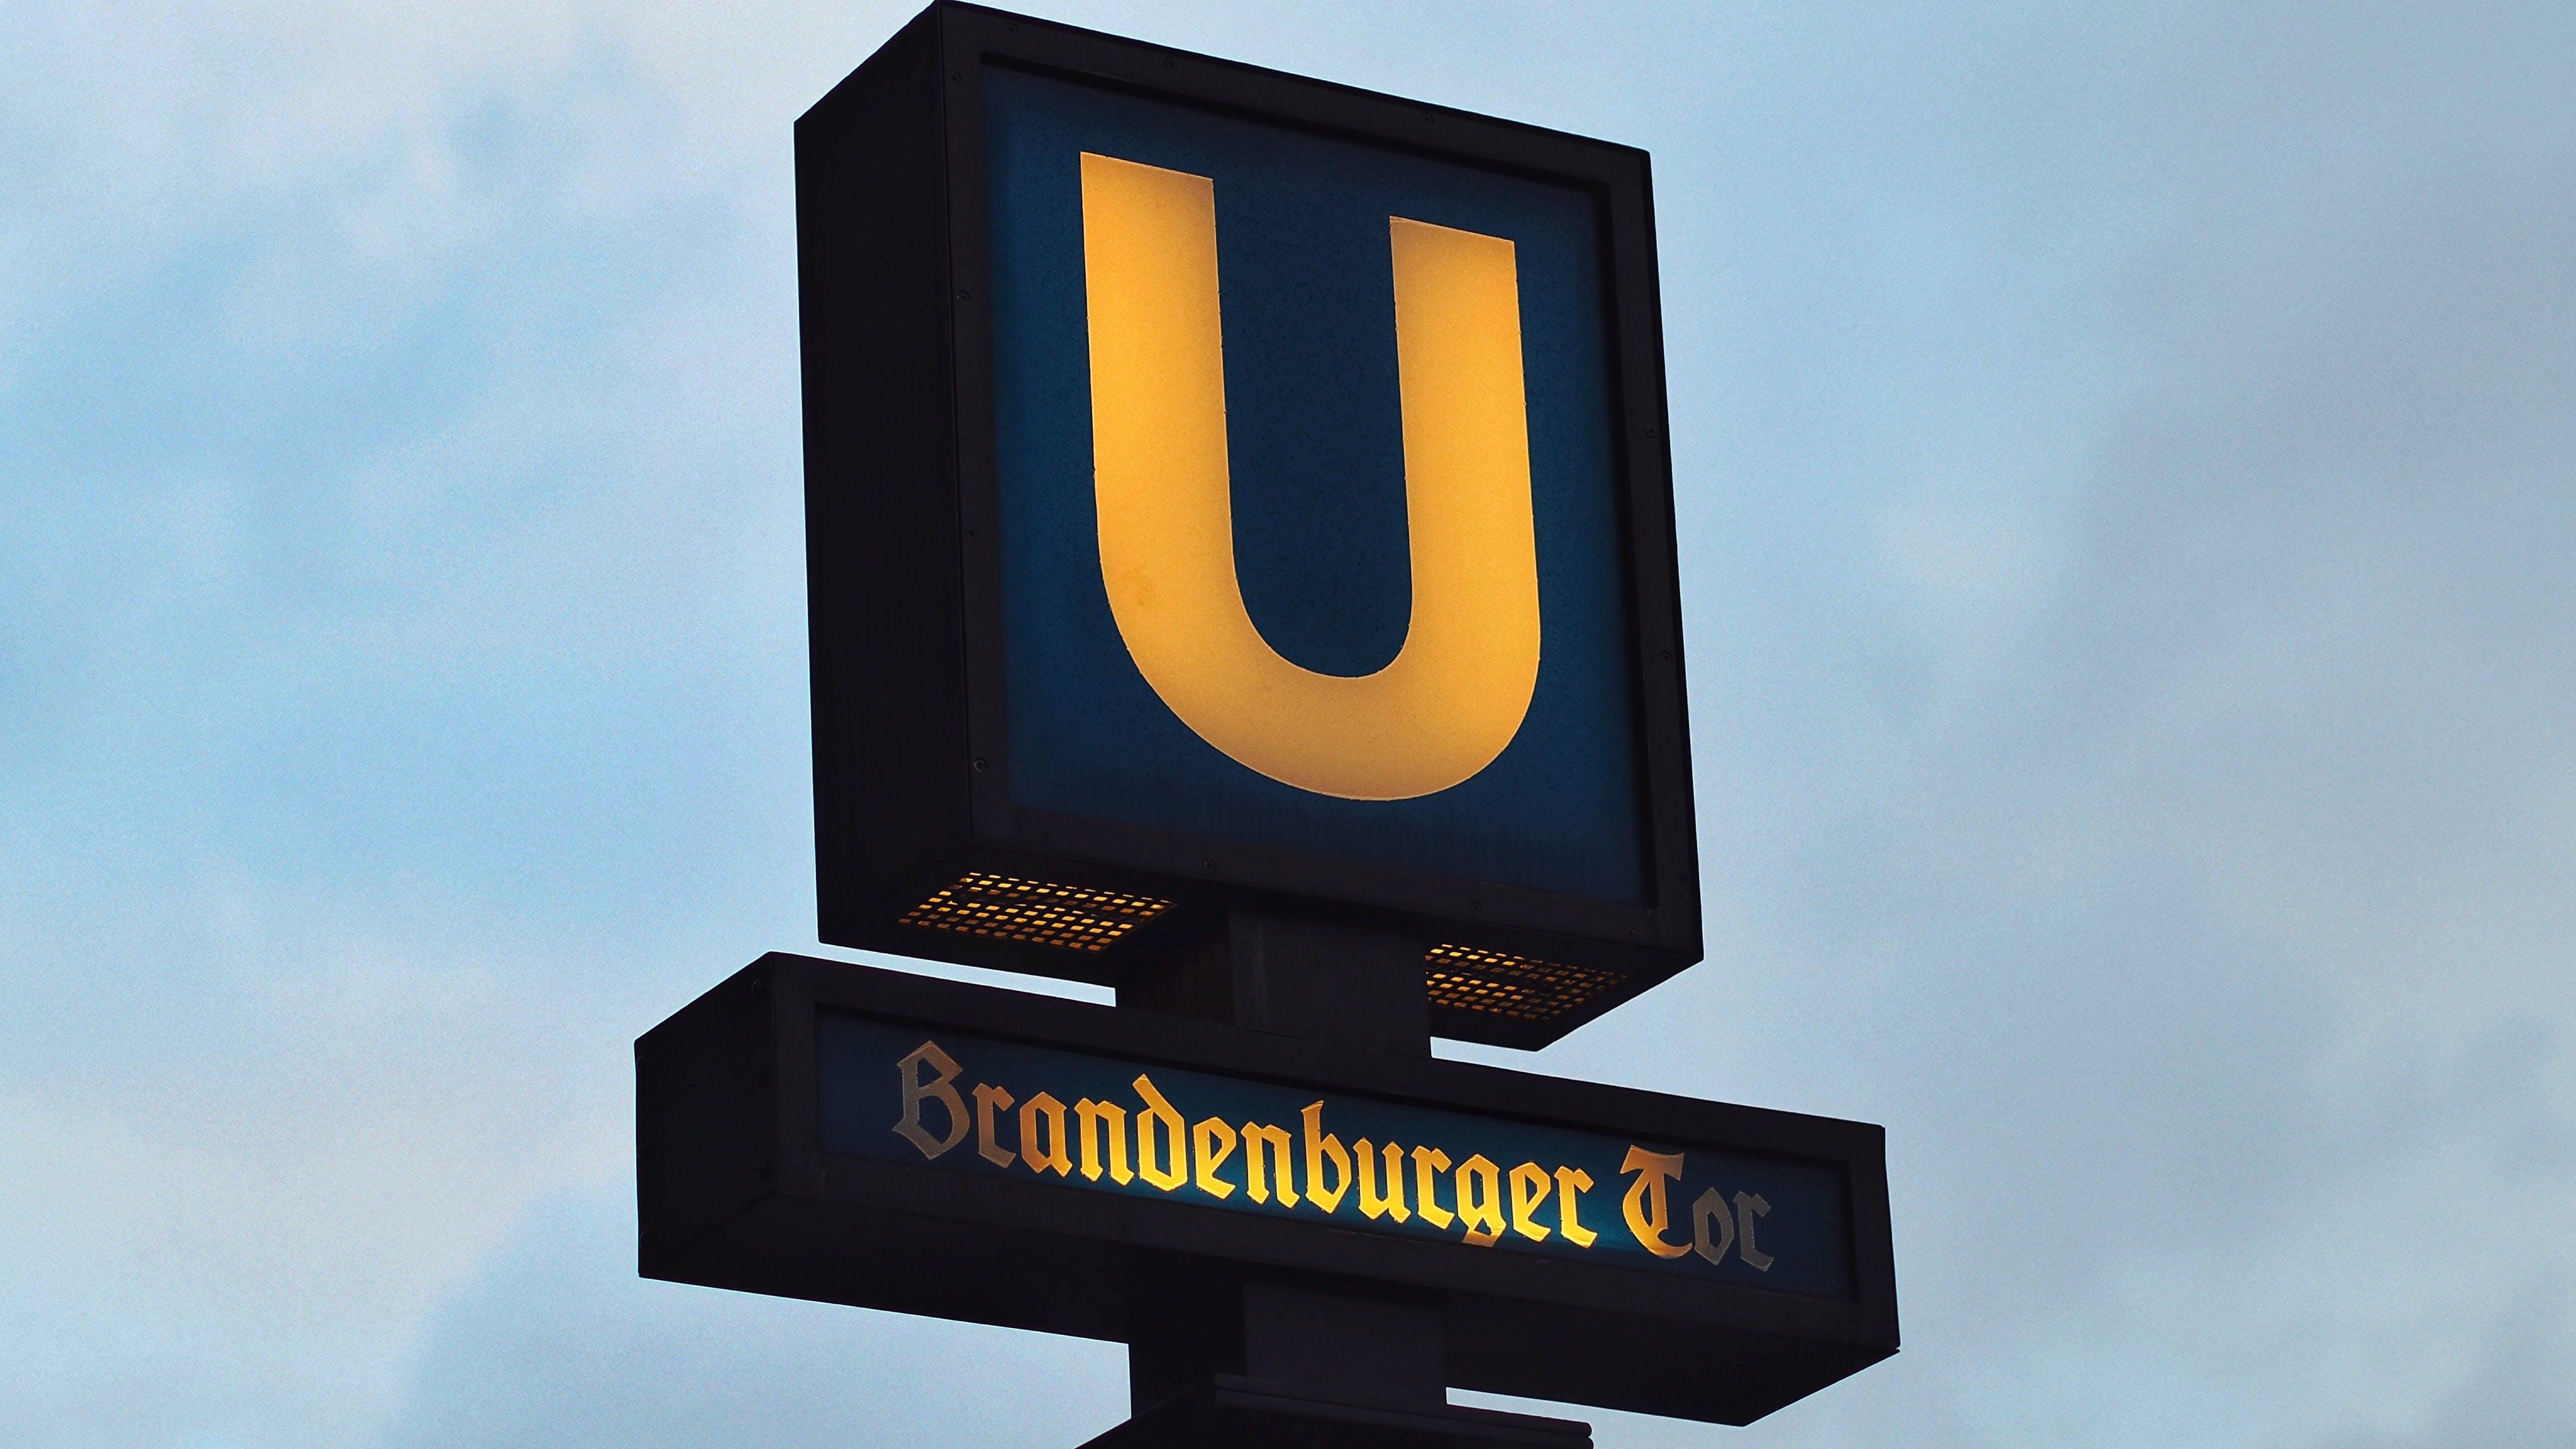 U Branden Burger Signage